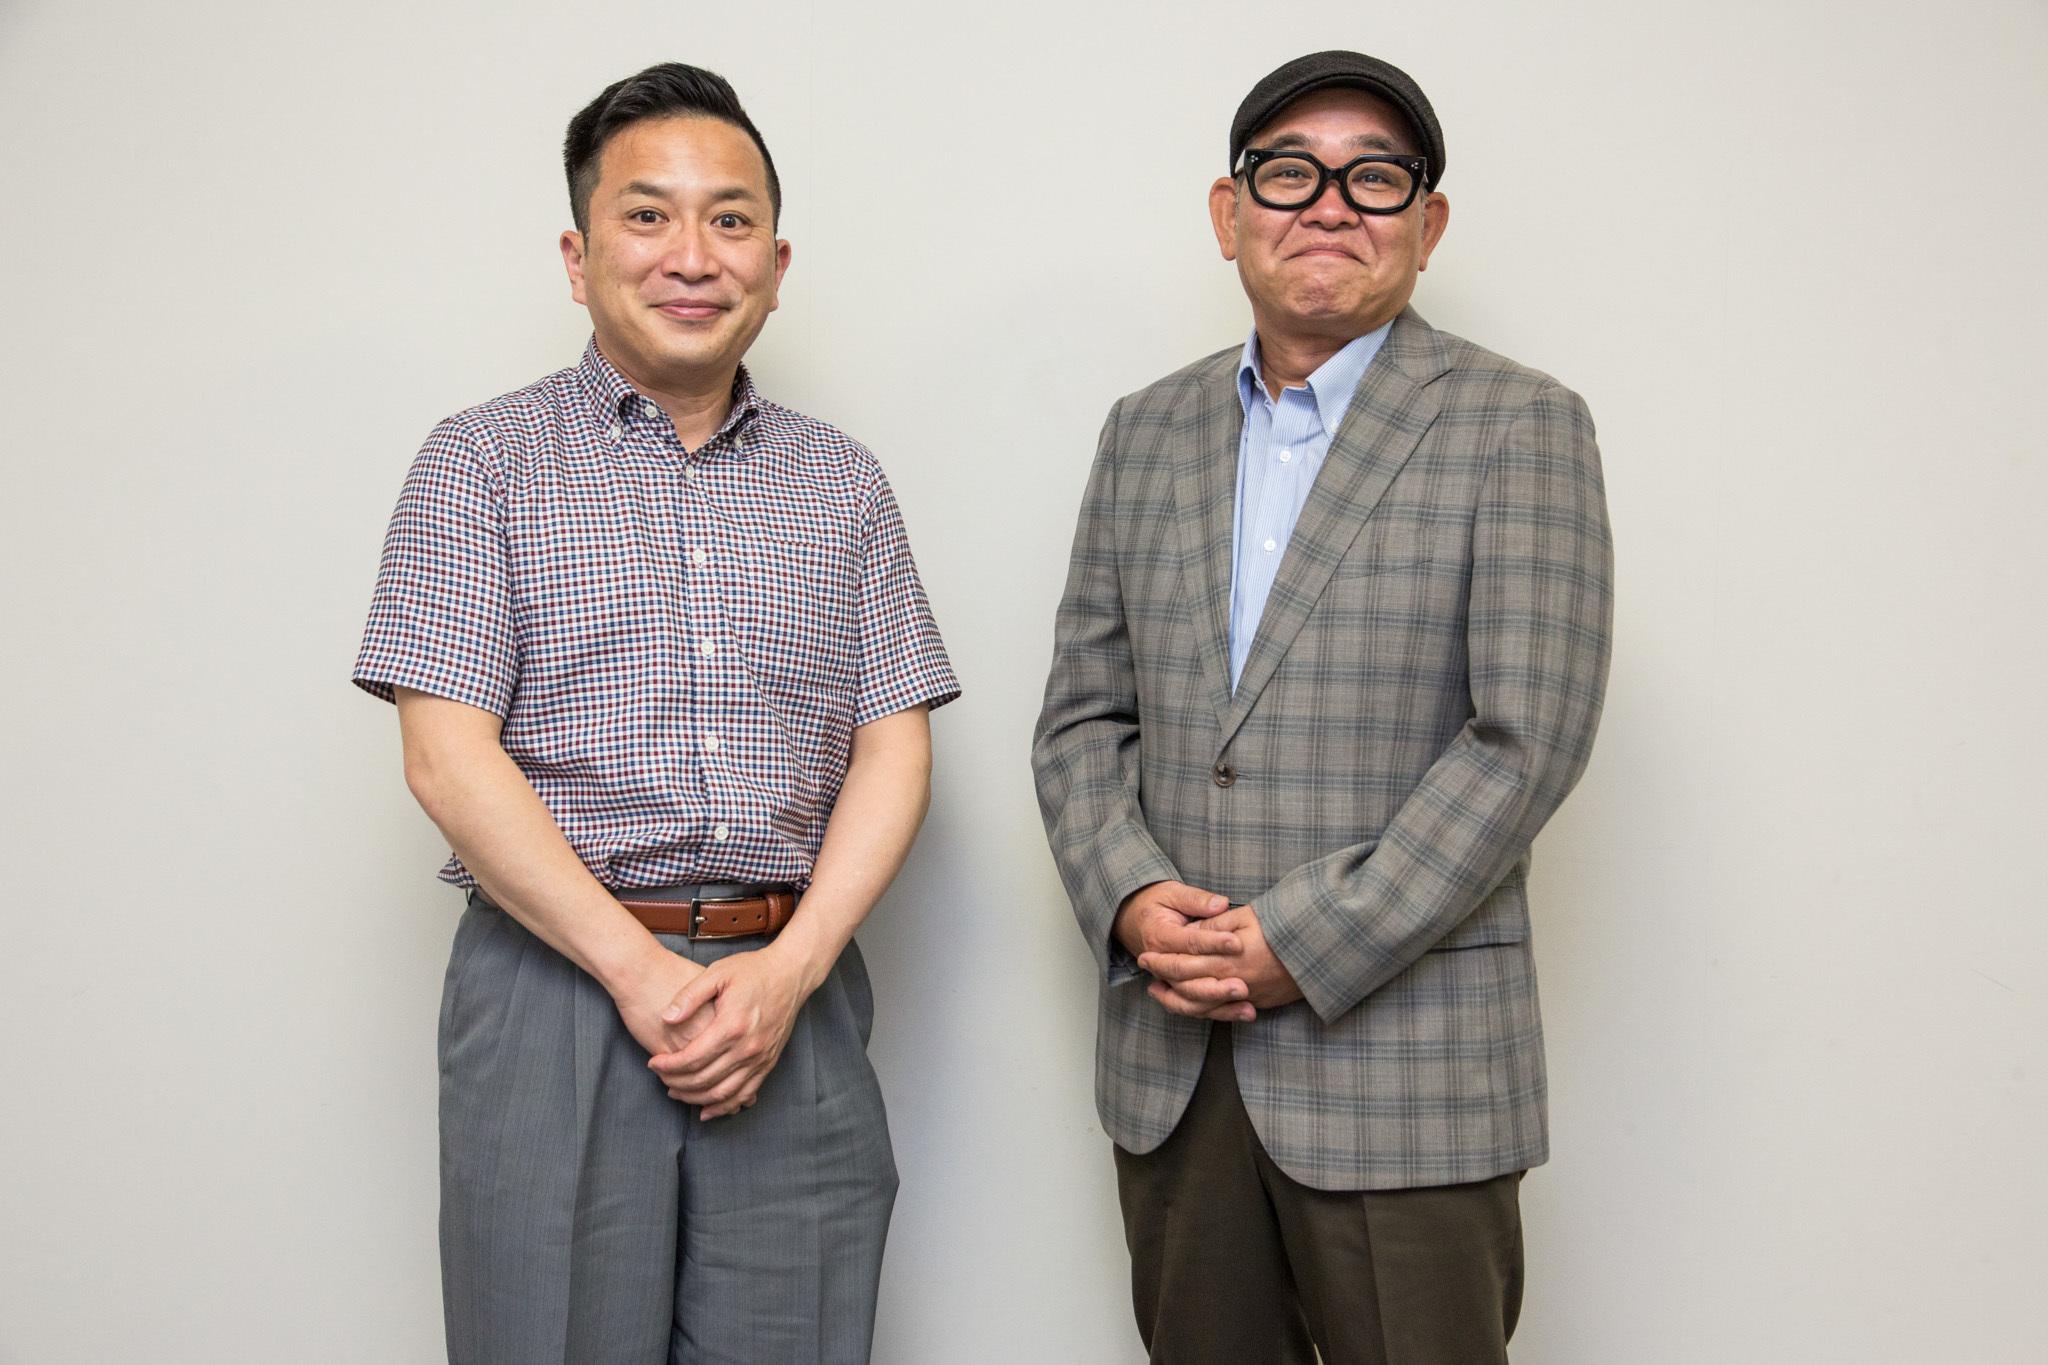 『丸尾不動産』桂吉弥、兵動大樹 撮影=田浦ボン